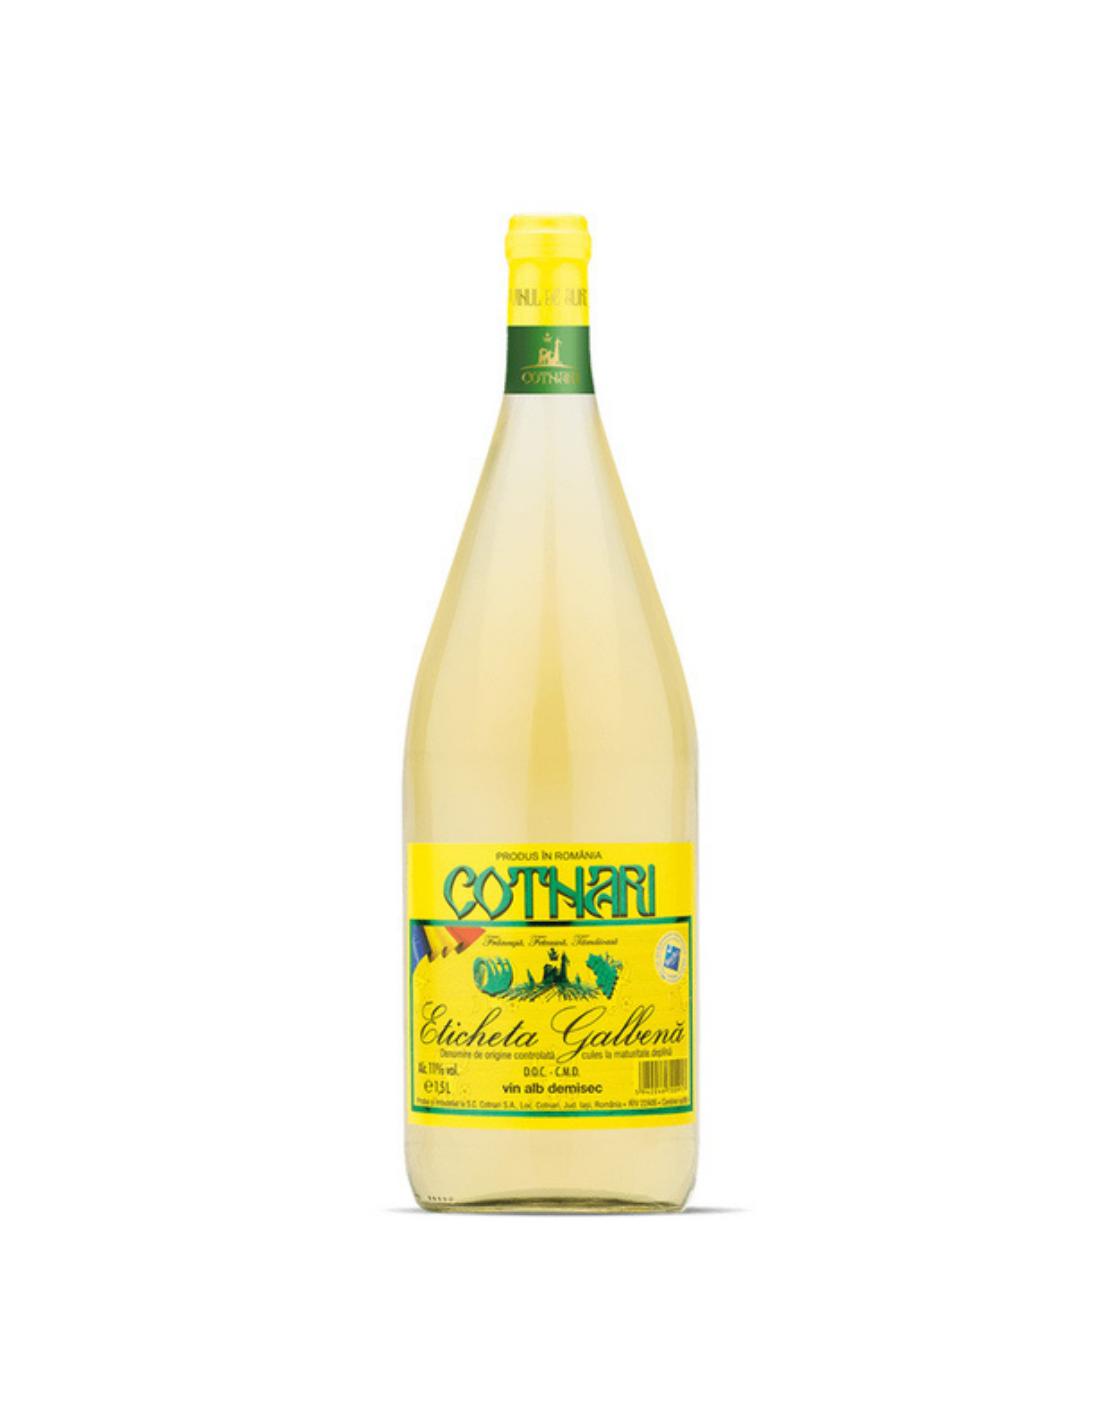 Vin alb demisec, Cotnari, Eticheta Galbena, 1.5L, 11% alc., Romania image0